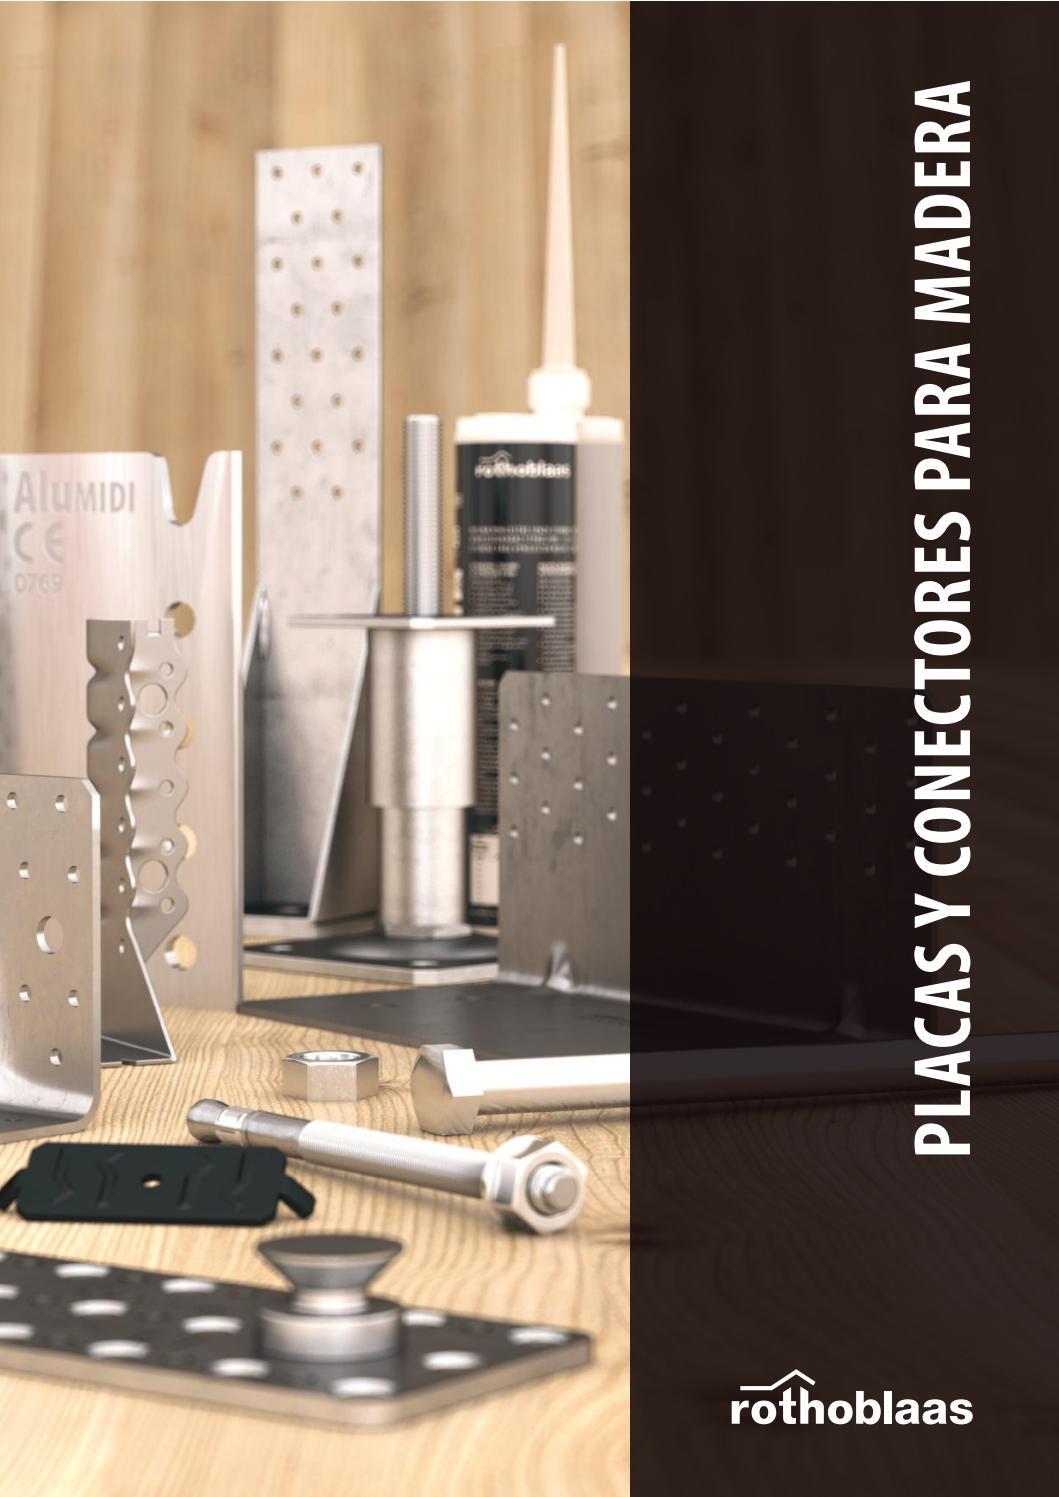 Placas y conectores para madera - es by Rothoblaas - issuu